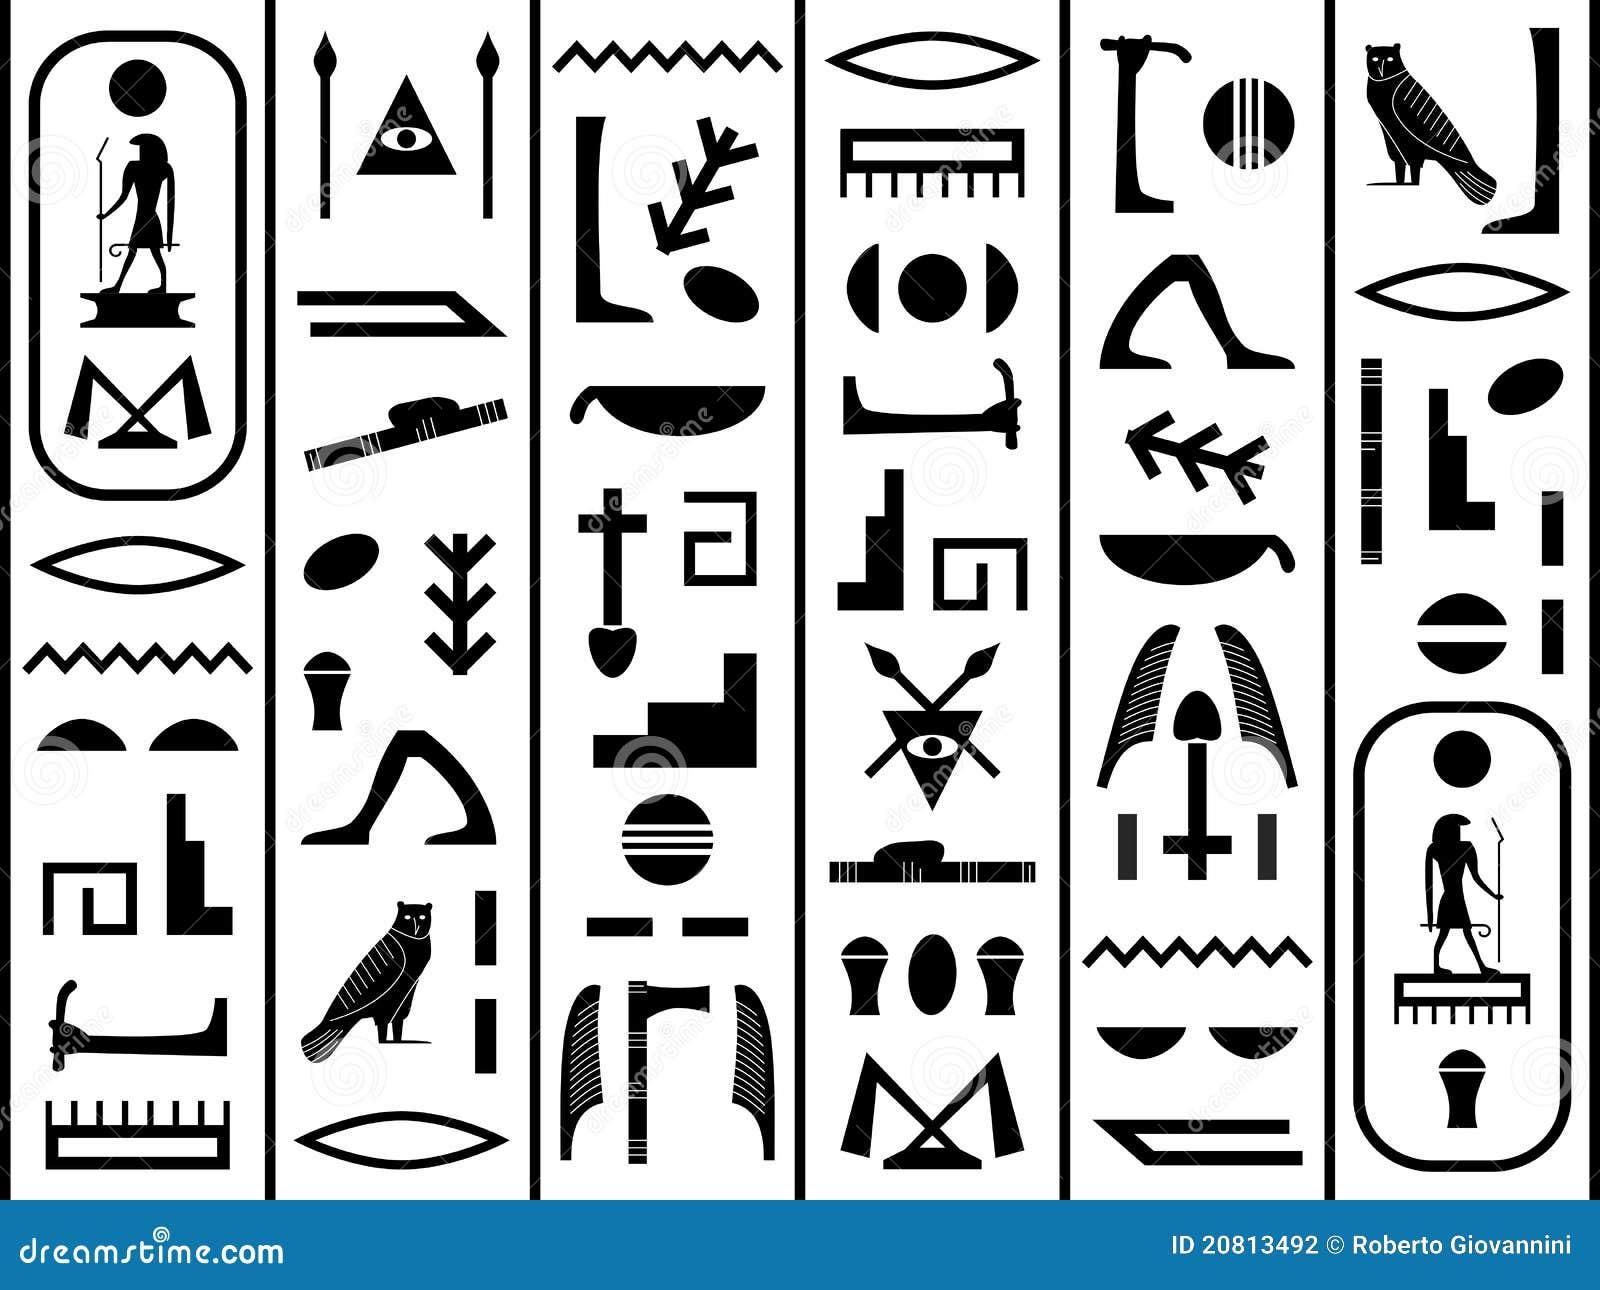 空白黑色的象形文字